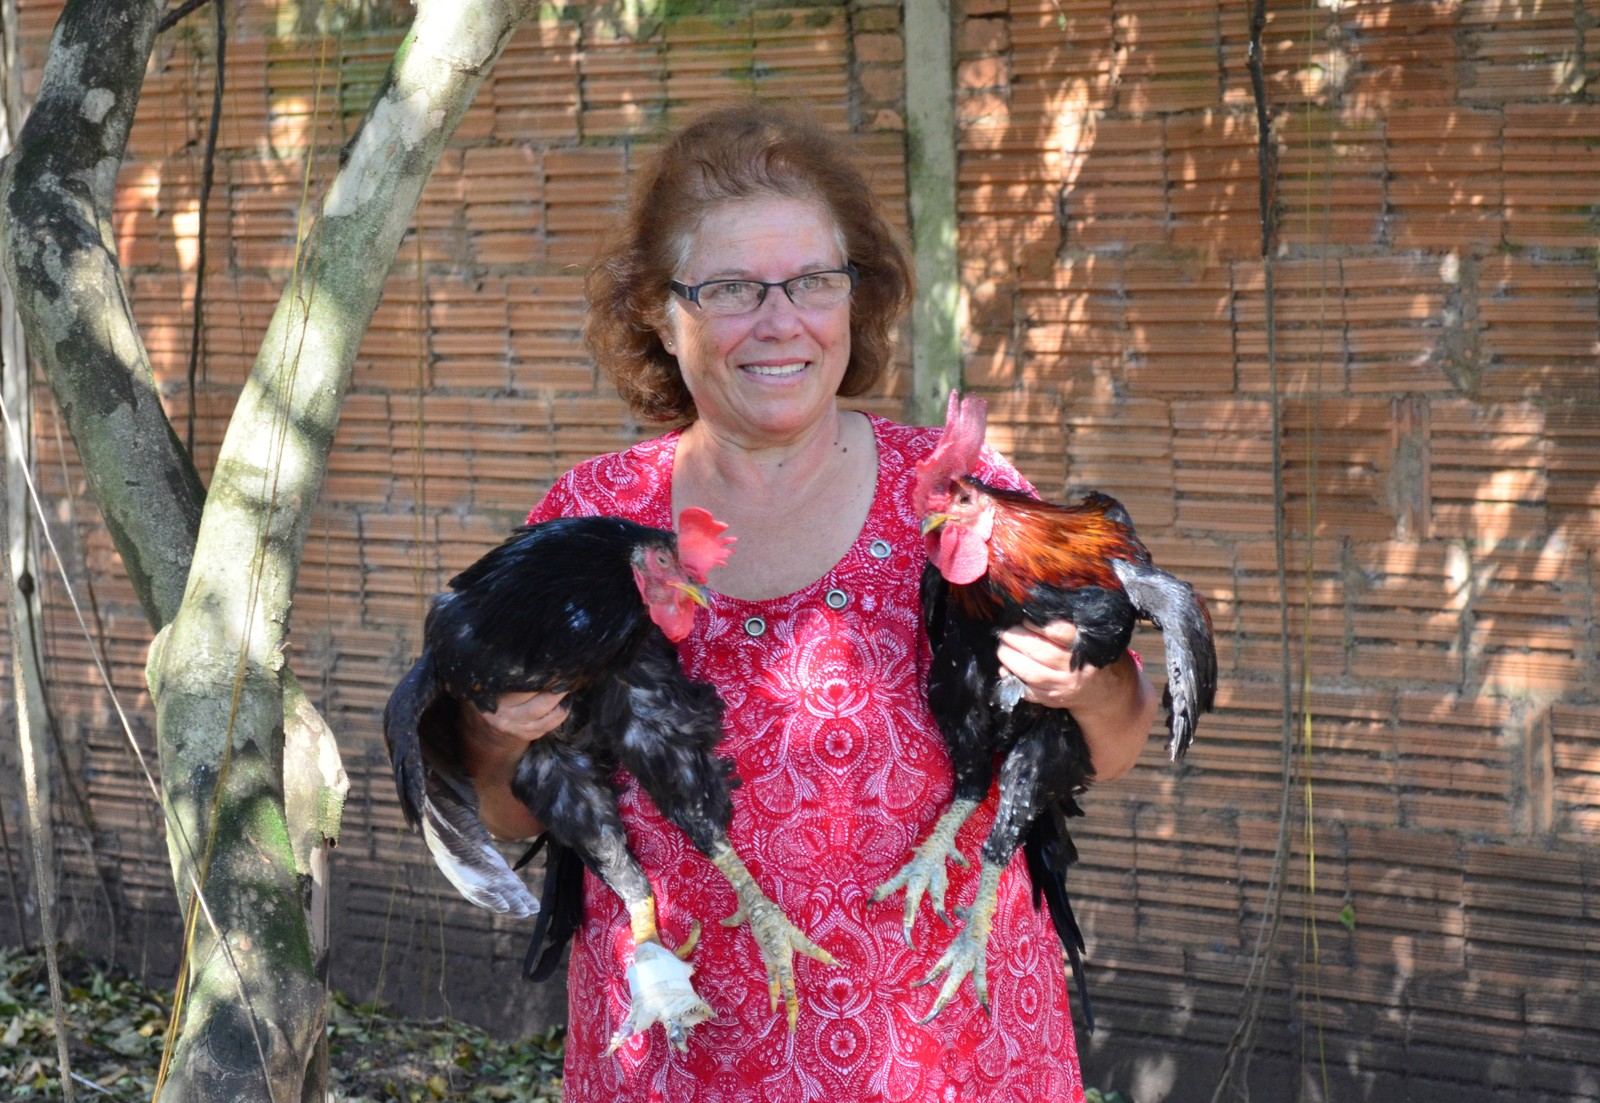 Dora com alguns dos galos que estão incomodando os vizinhos por cantar durante a madrugada (Foto: Fabiana Assis/G1)